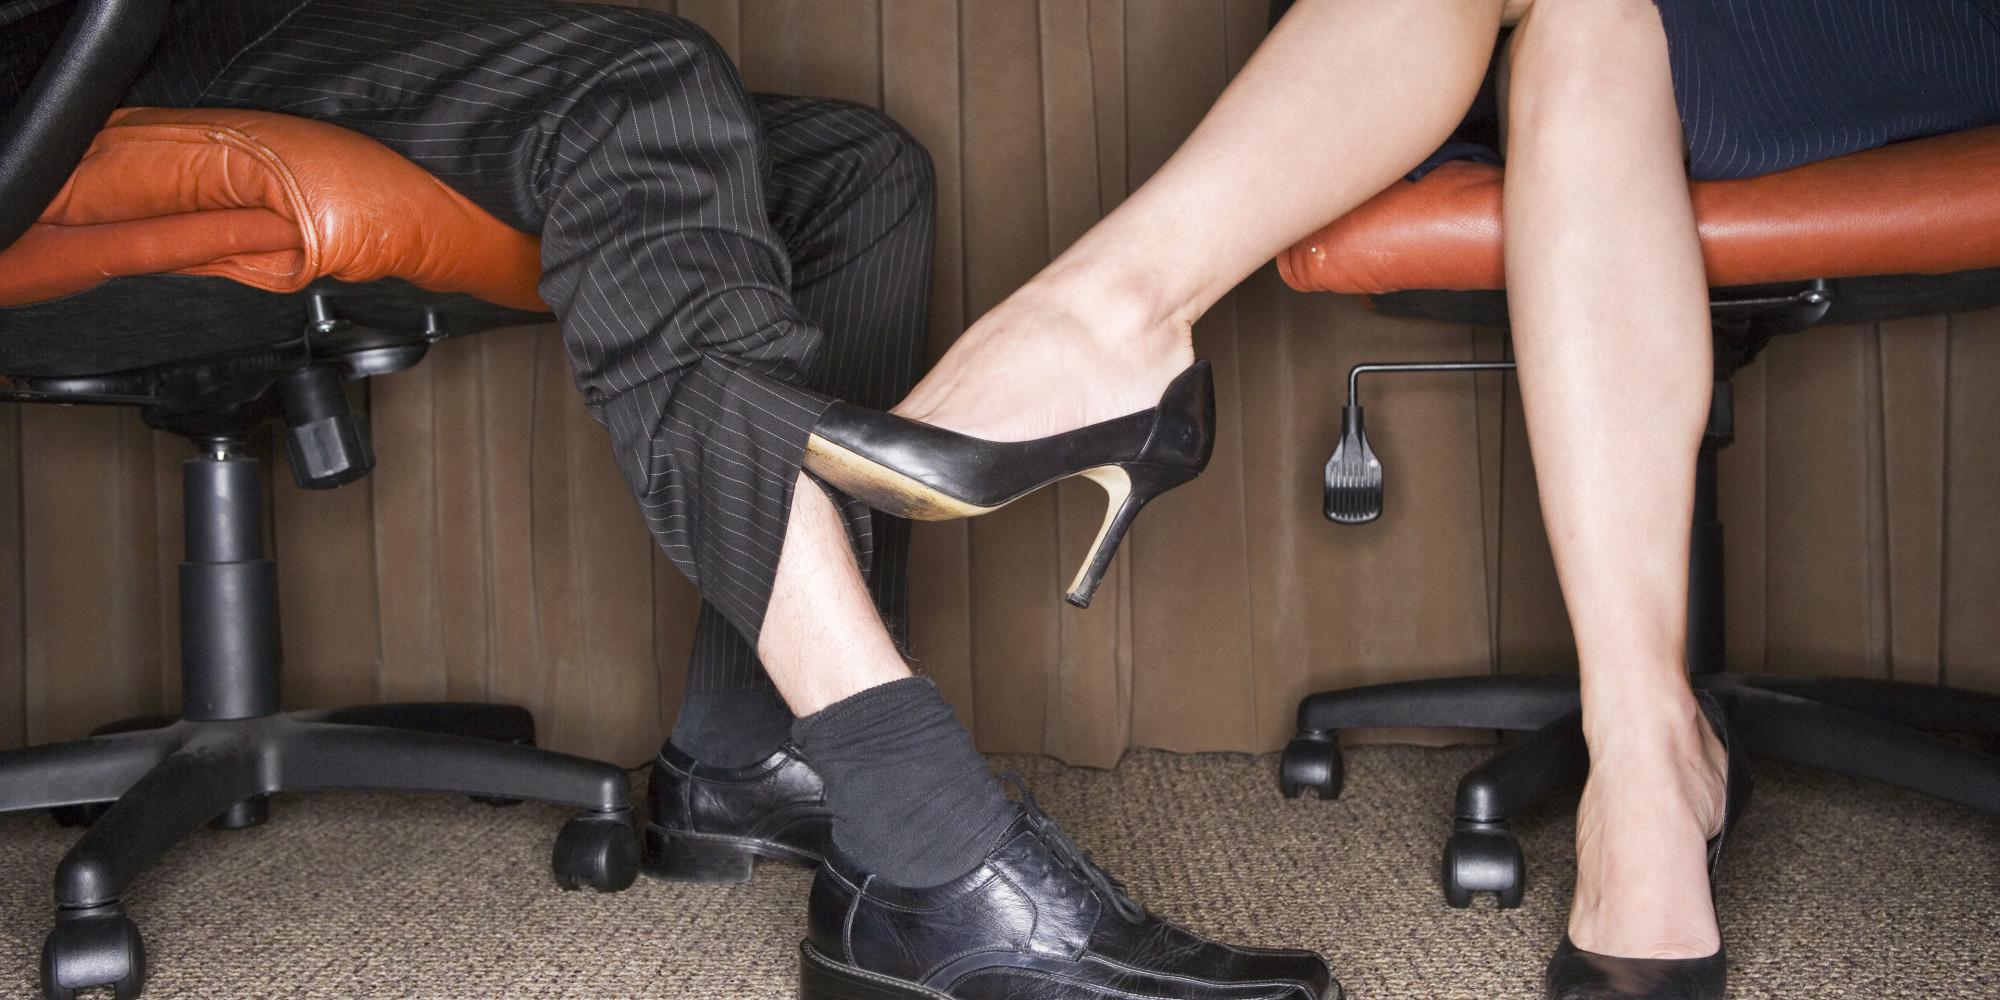 В офисе под столом парень лижет туфли каблуке, порно онлайн синие шорты